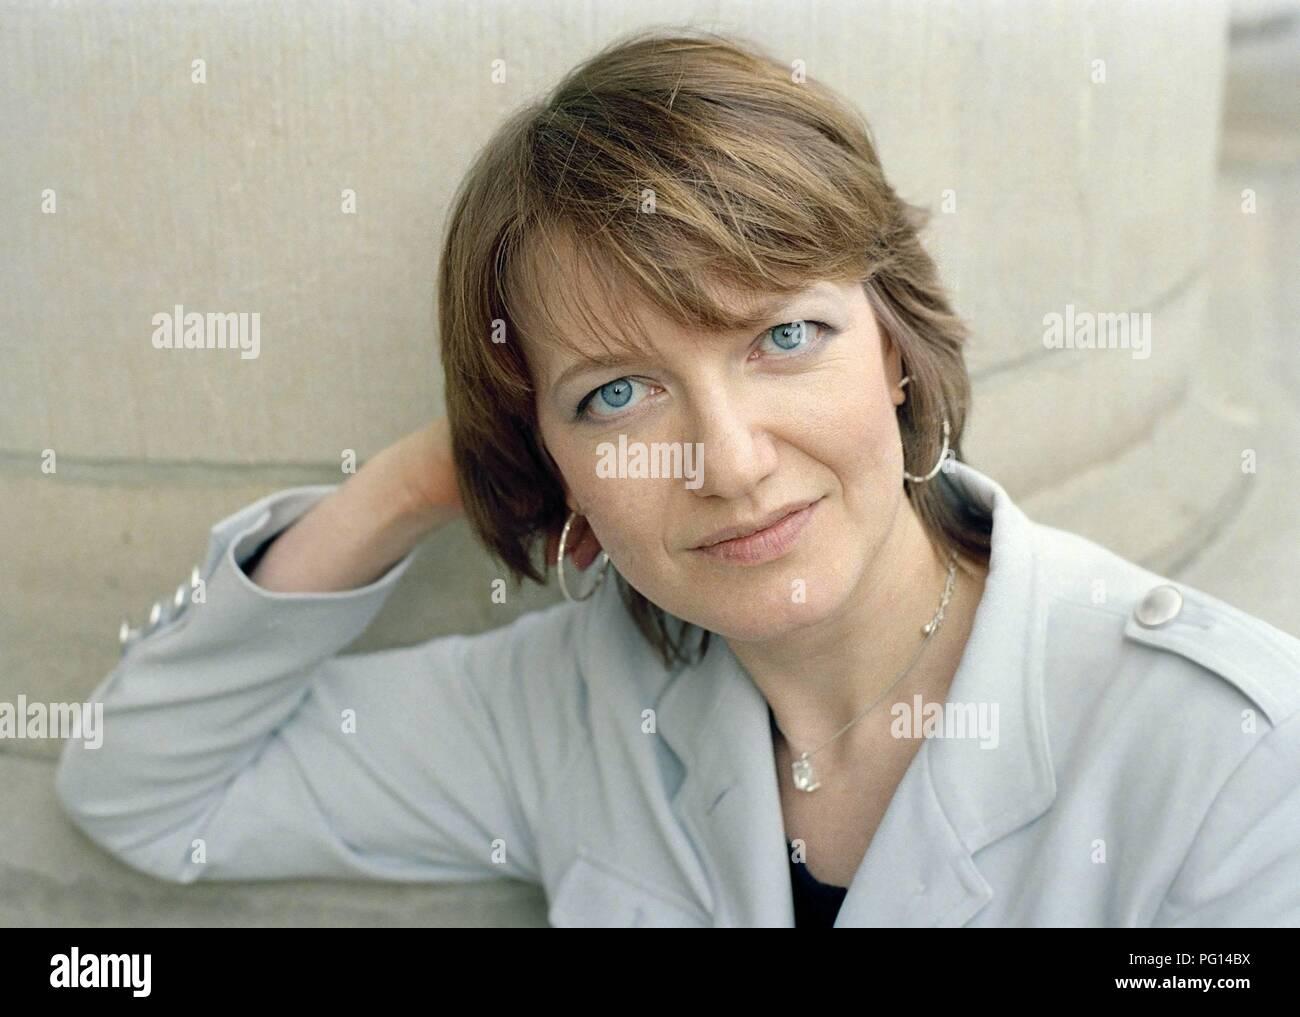 Eleonora Hummel, writer. - Stock Image